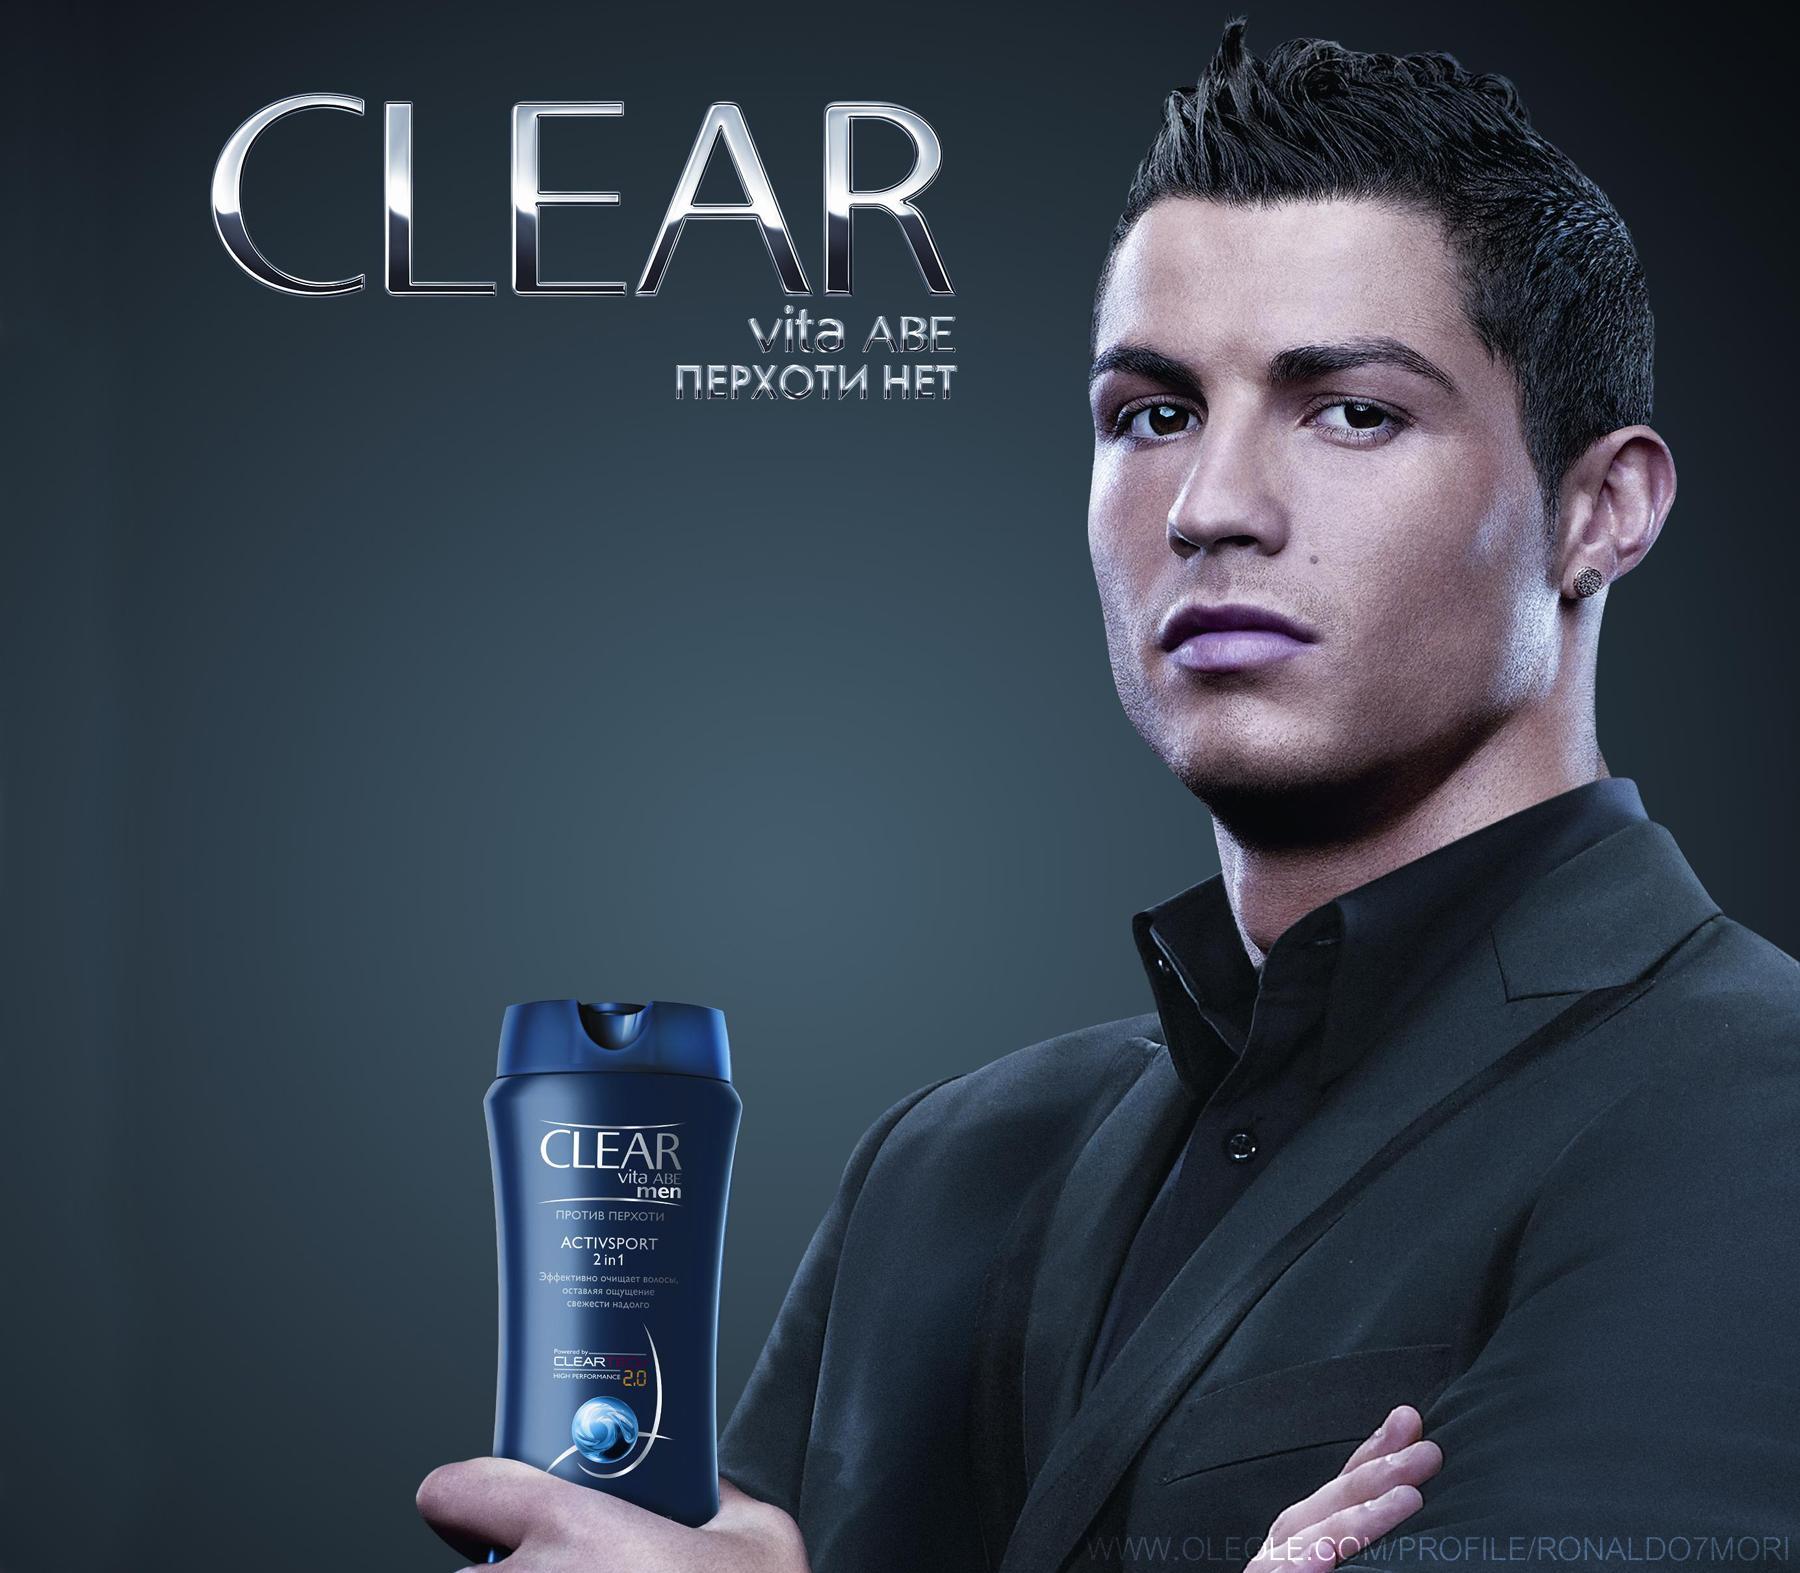 фото прически криштиану роналдо из рекламы шампуня